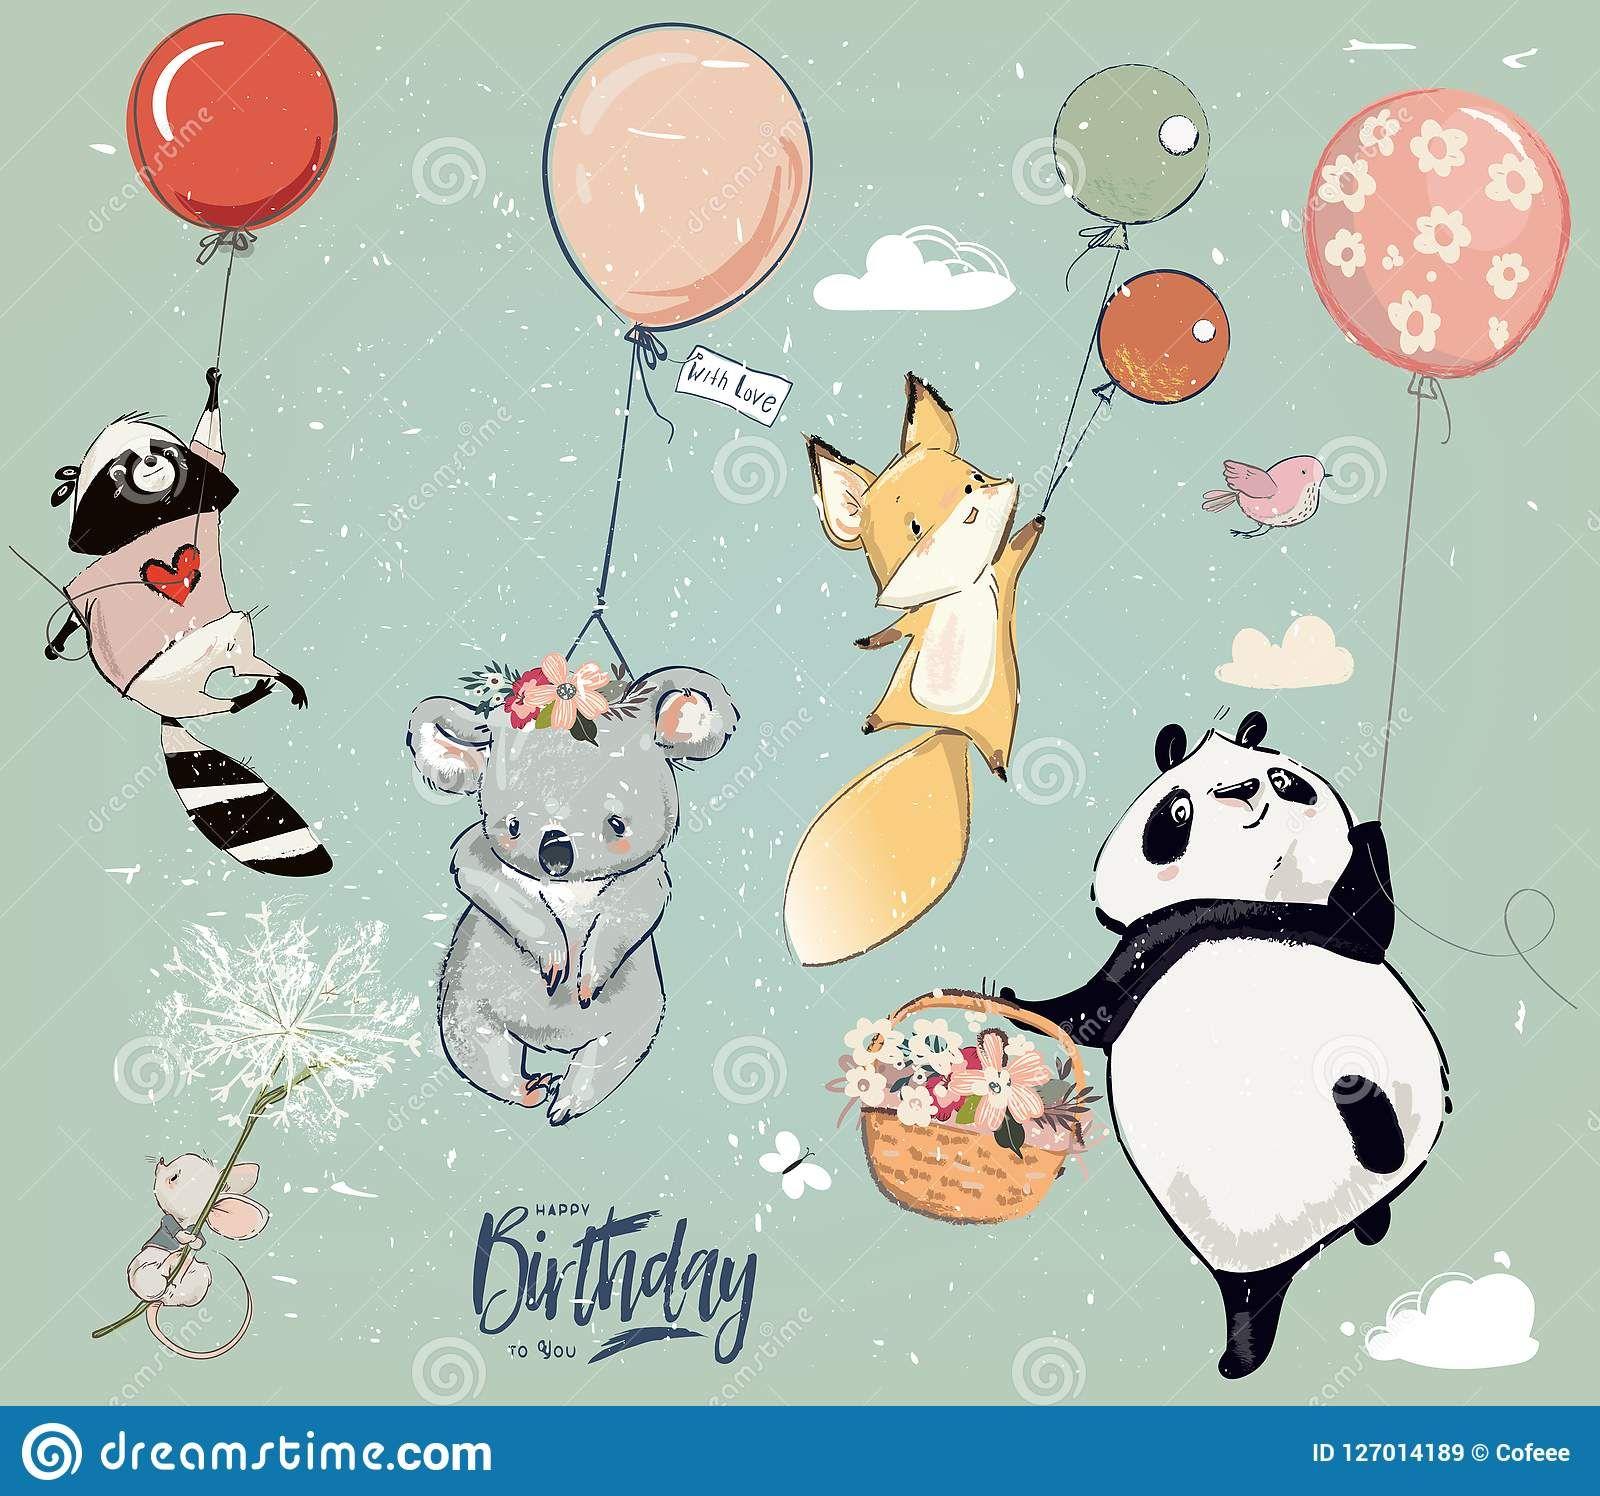 Sobranie S Milymi Zhivotnymi Muhy Dnya Rozhdeniya S Vozdushnymi Sharami Illyustraciya Vektora Illyustracii Naschity Birthday Illustration Cute Drawings Balloon Animals